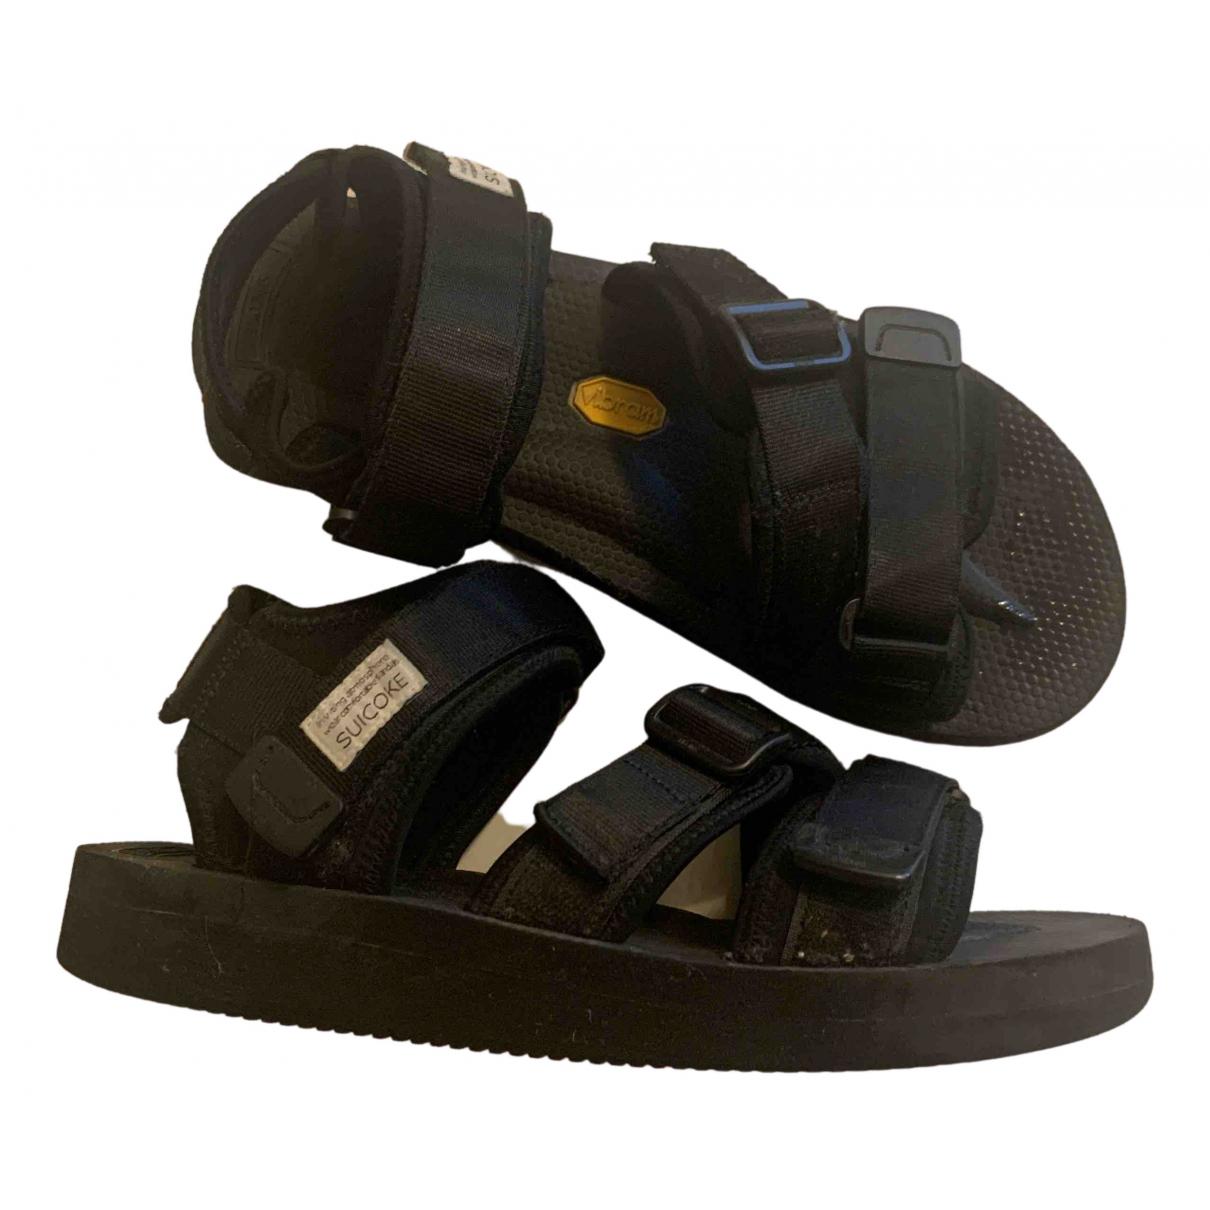 Sandalias romanas de Lona Suicoke